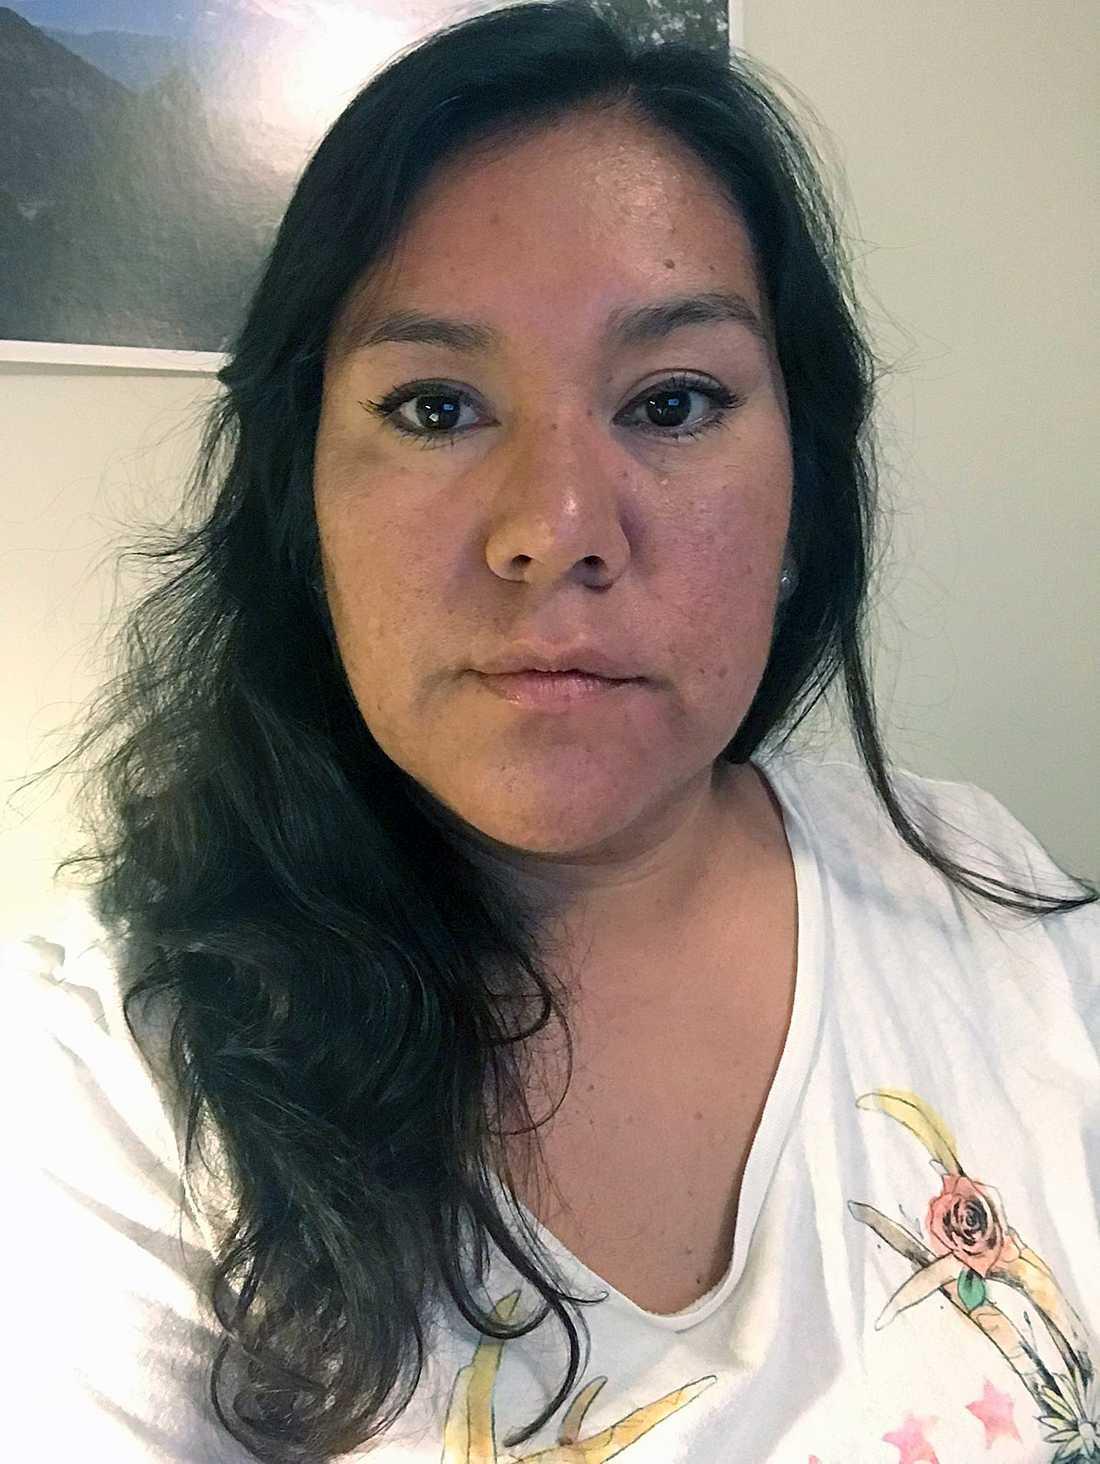 Maria Diemar togs från sina föräldrar i Chile utan deras vetskap.